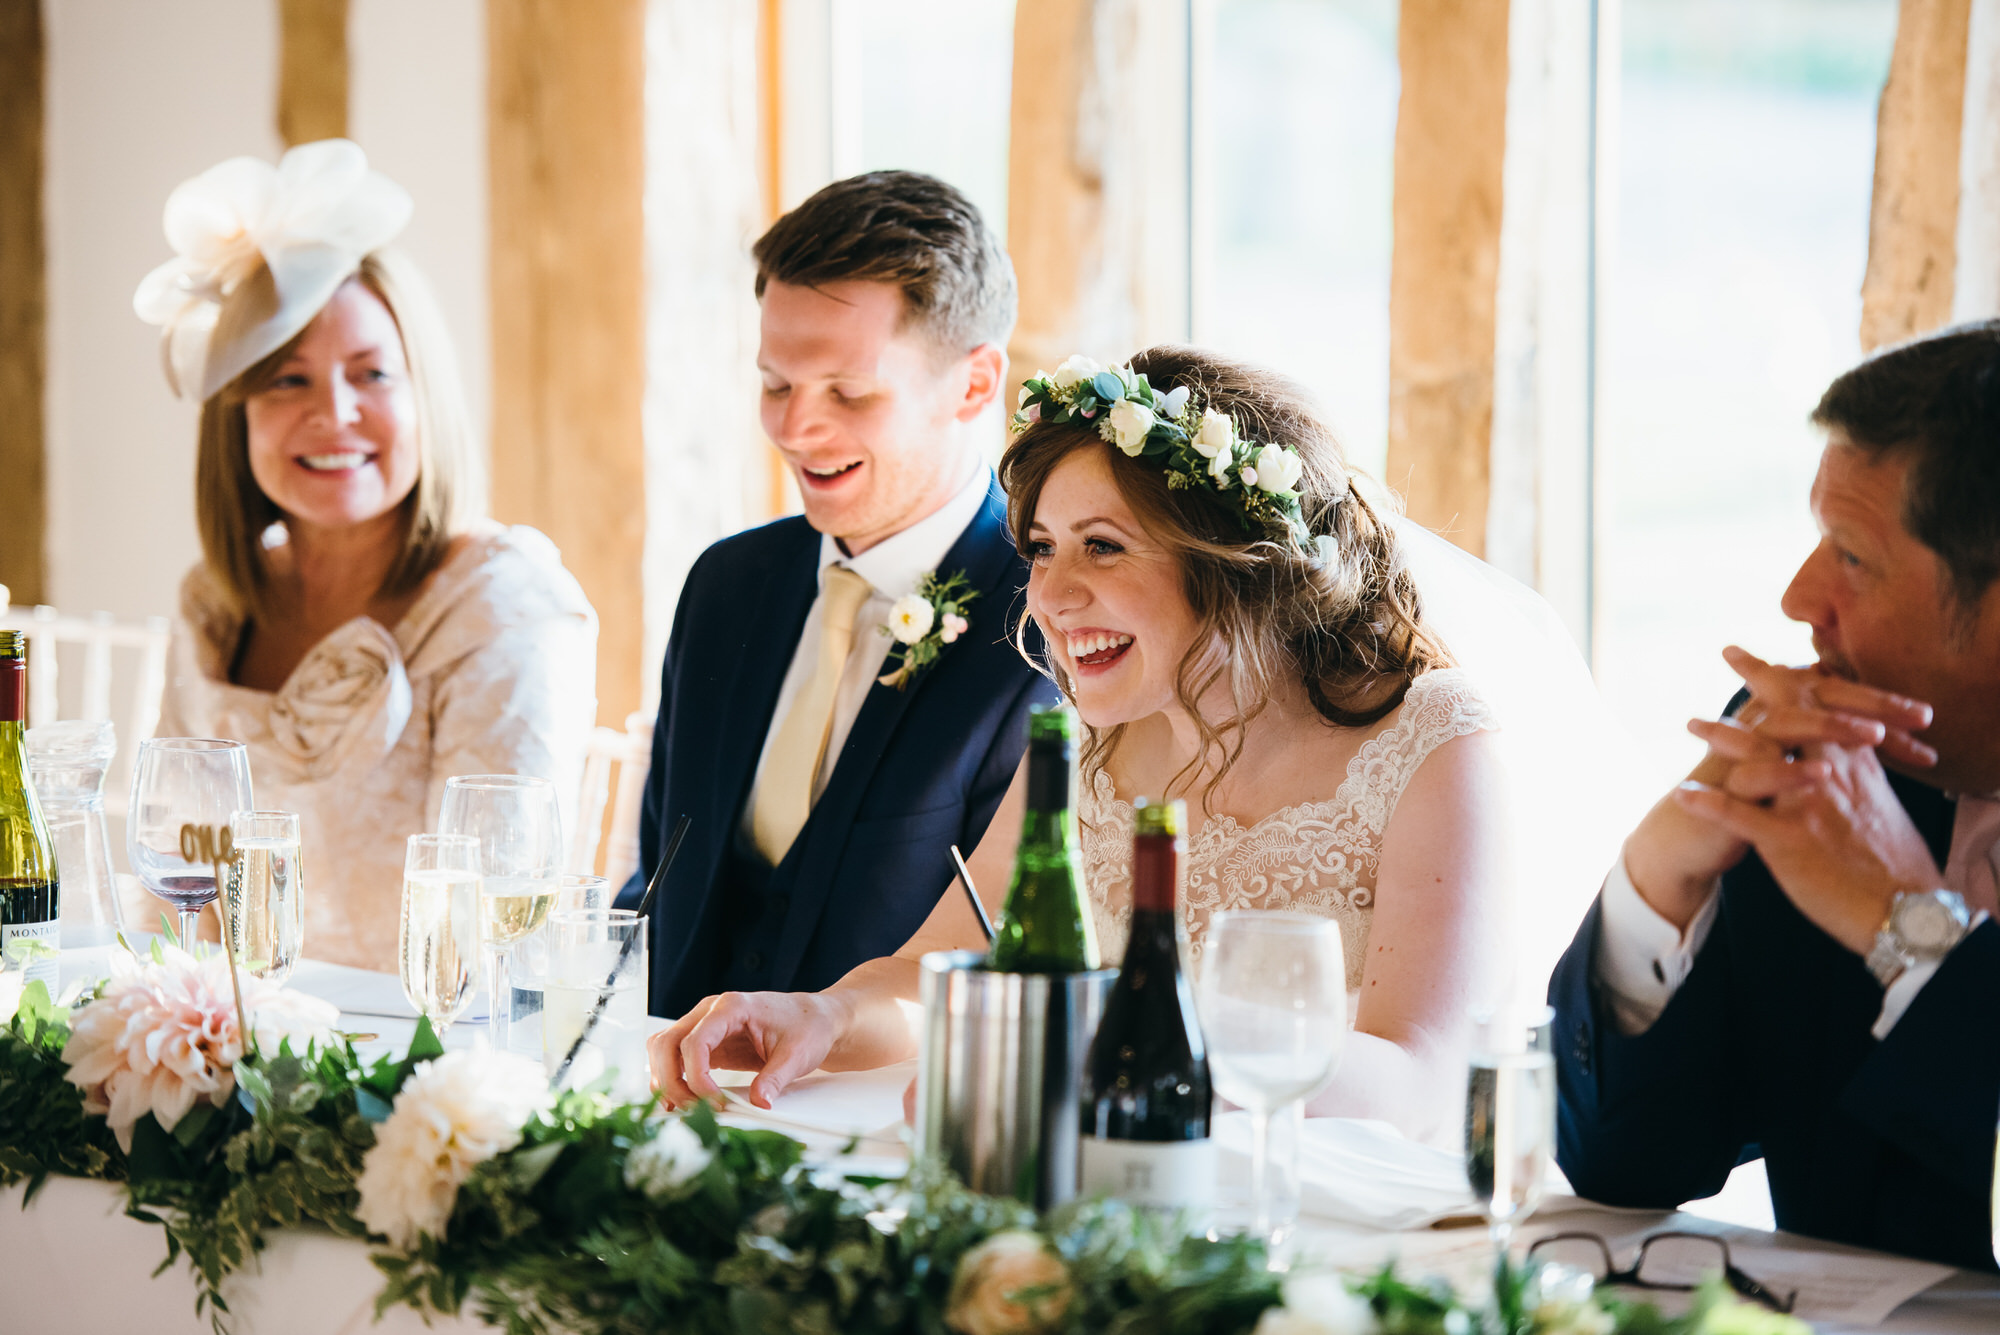 Colville hall wedding speeches